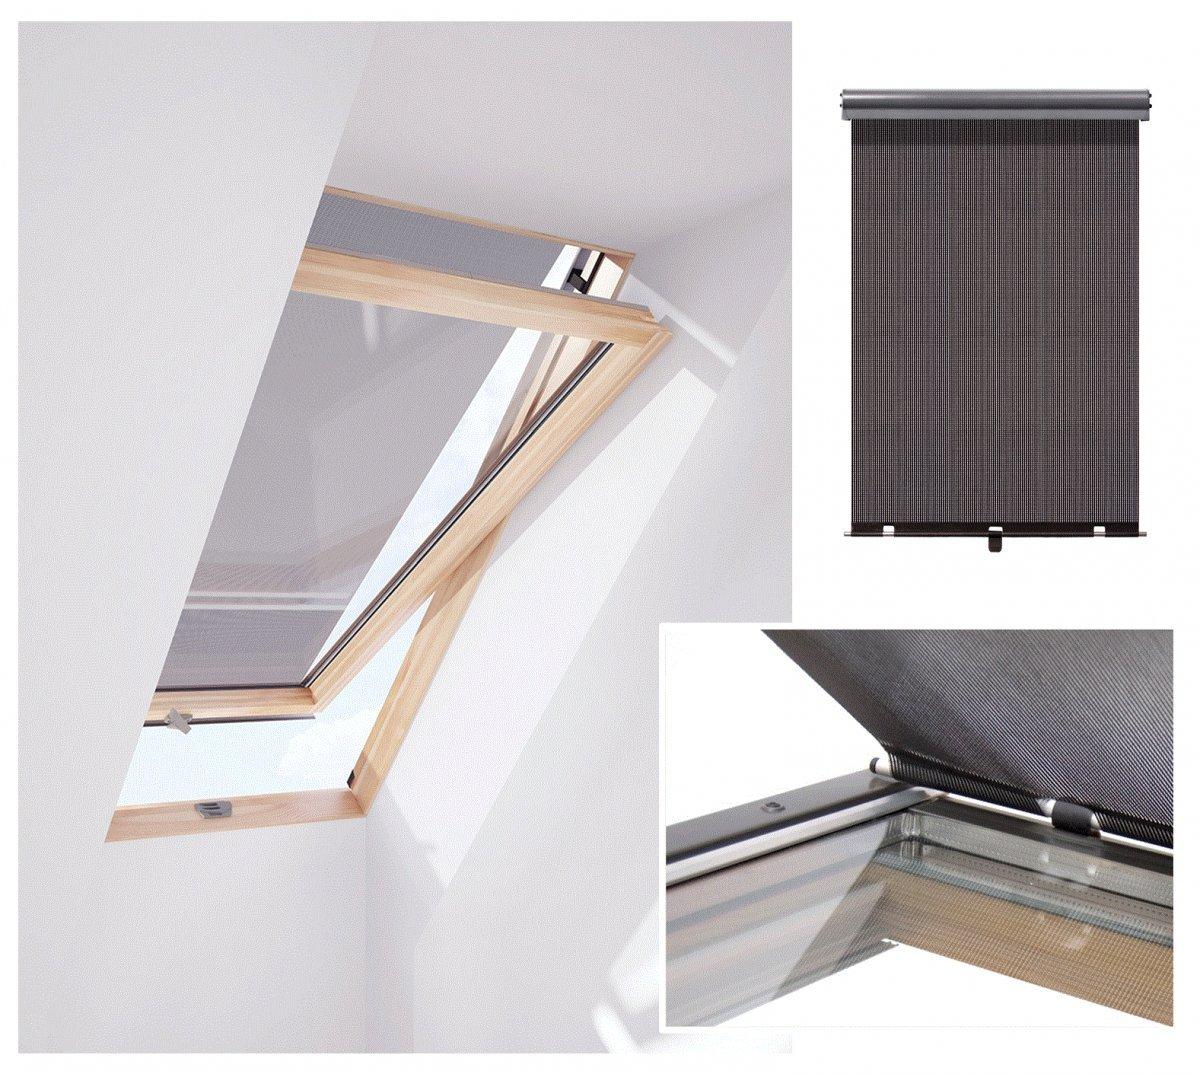 anti hitze markise mur contrio hitzeschutz markise f r velux dachfenster markise velux. Black Bedroom Furniture Sets. Home Design Ideas